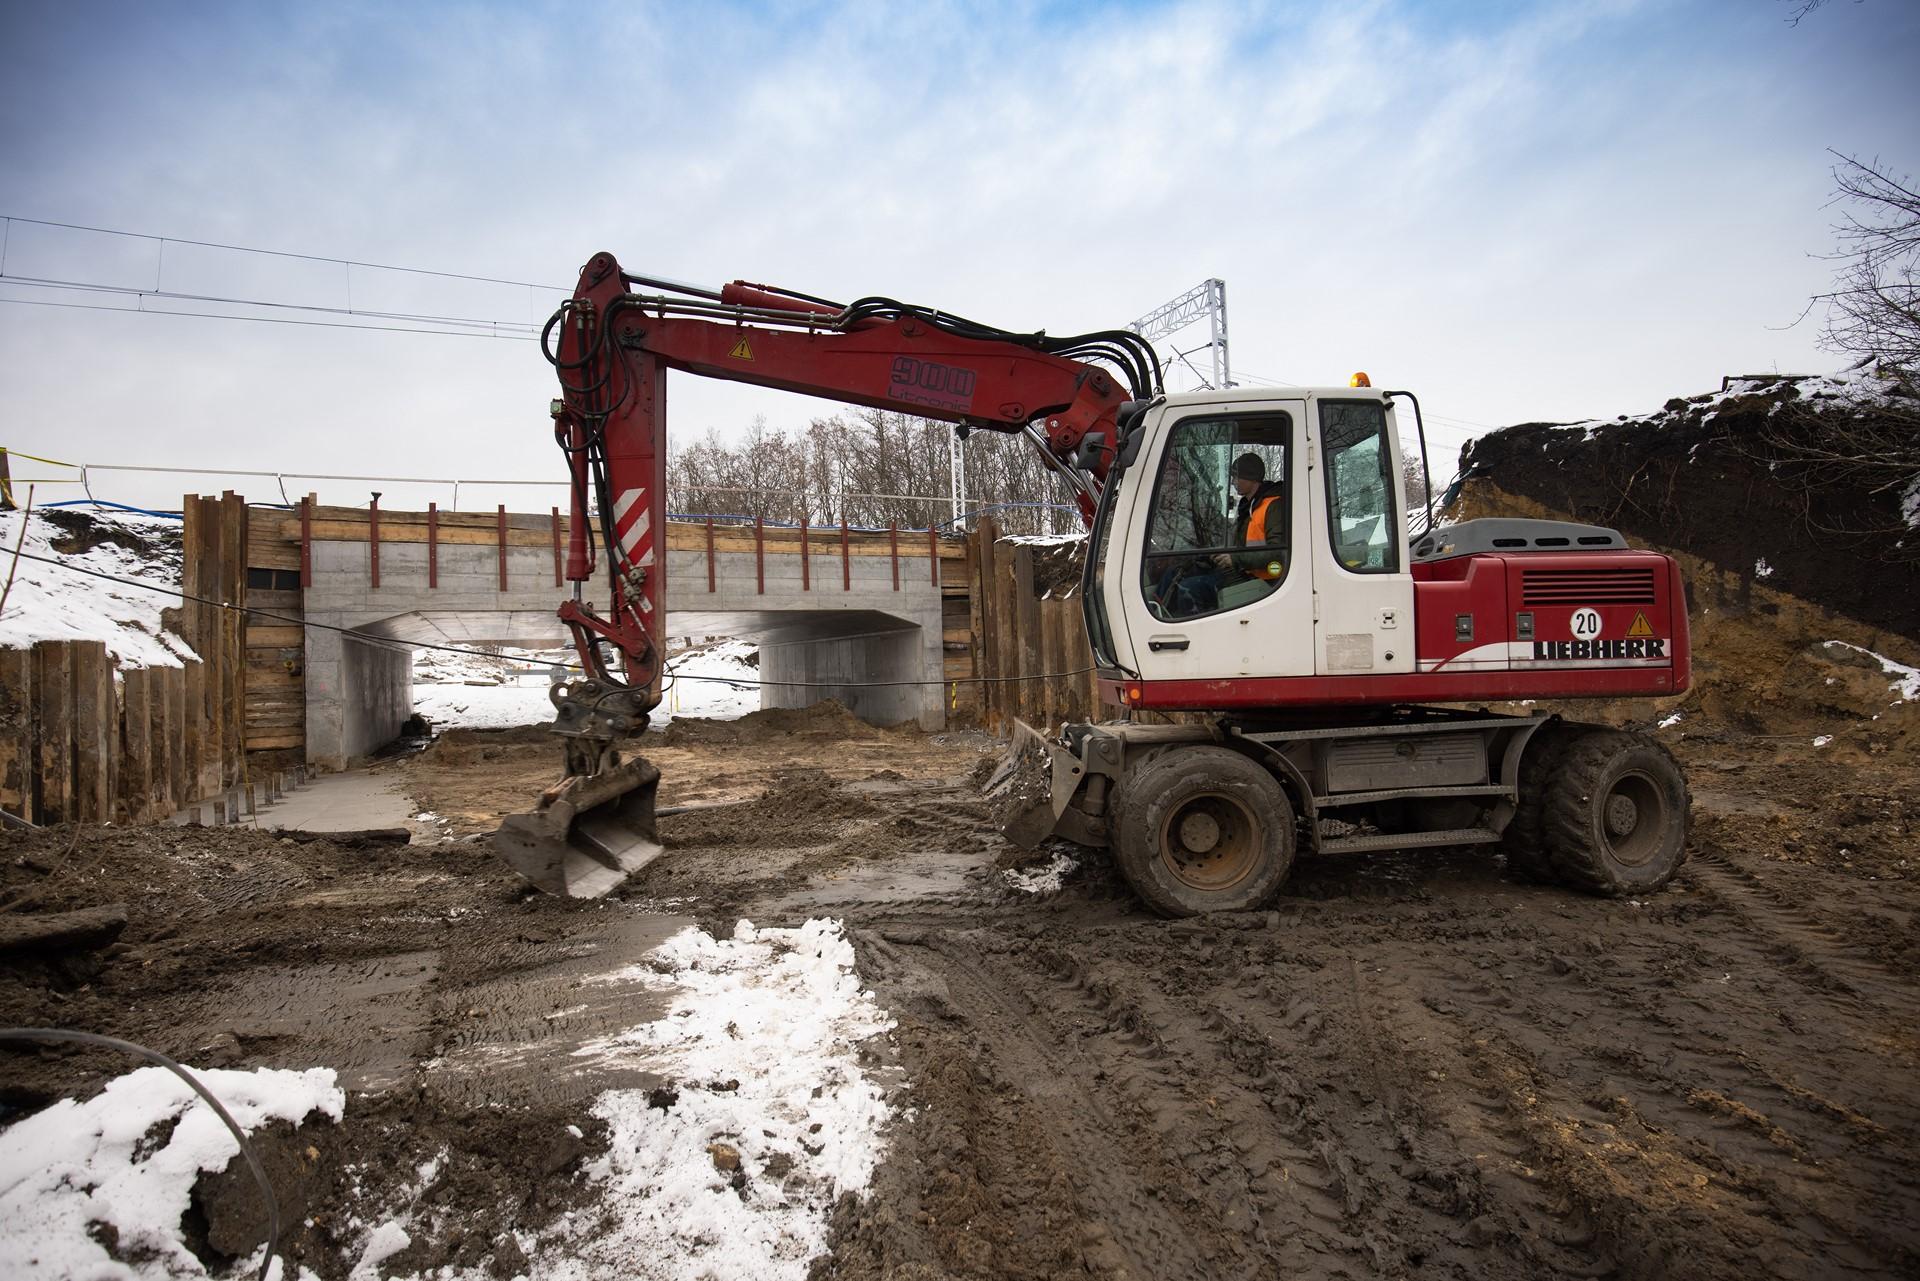 Zdjęcie: czerwony dźwig stoi na budowie, w tle widać nową konstrukcje betonowego wiaduktu.